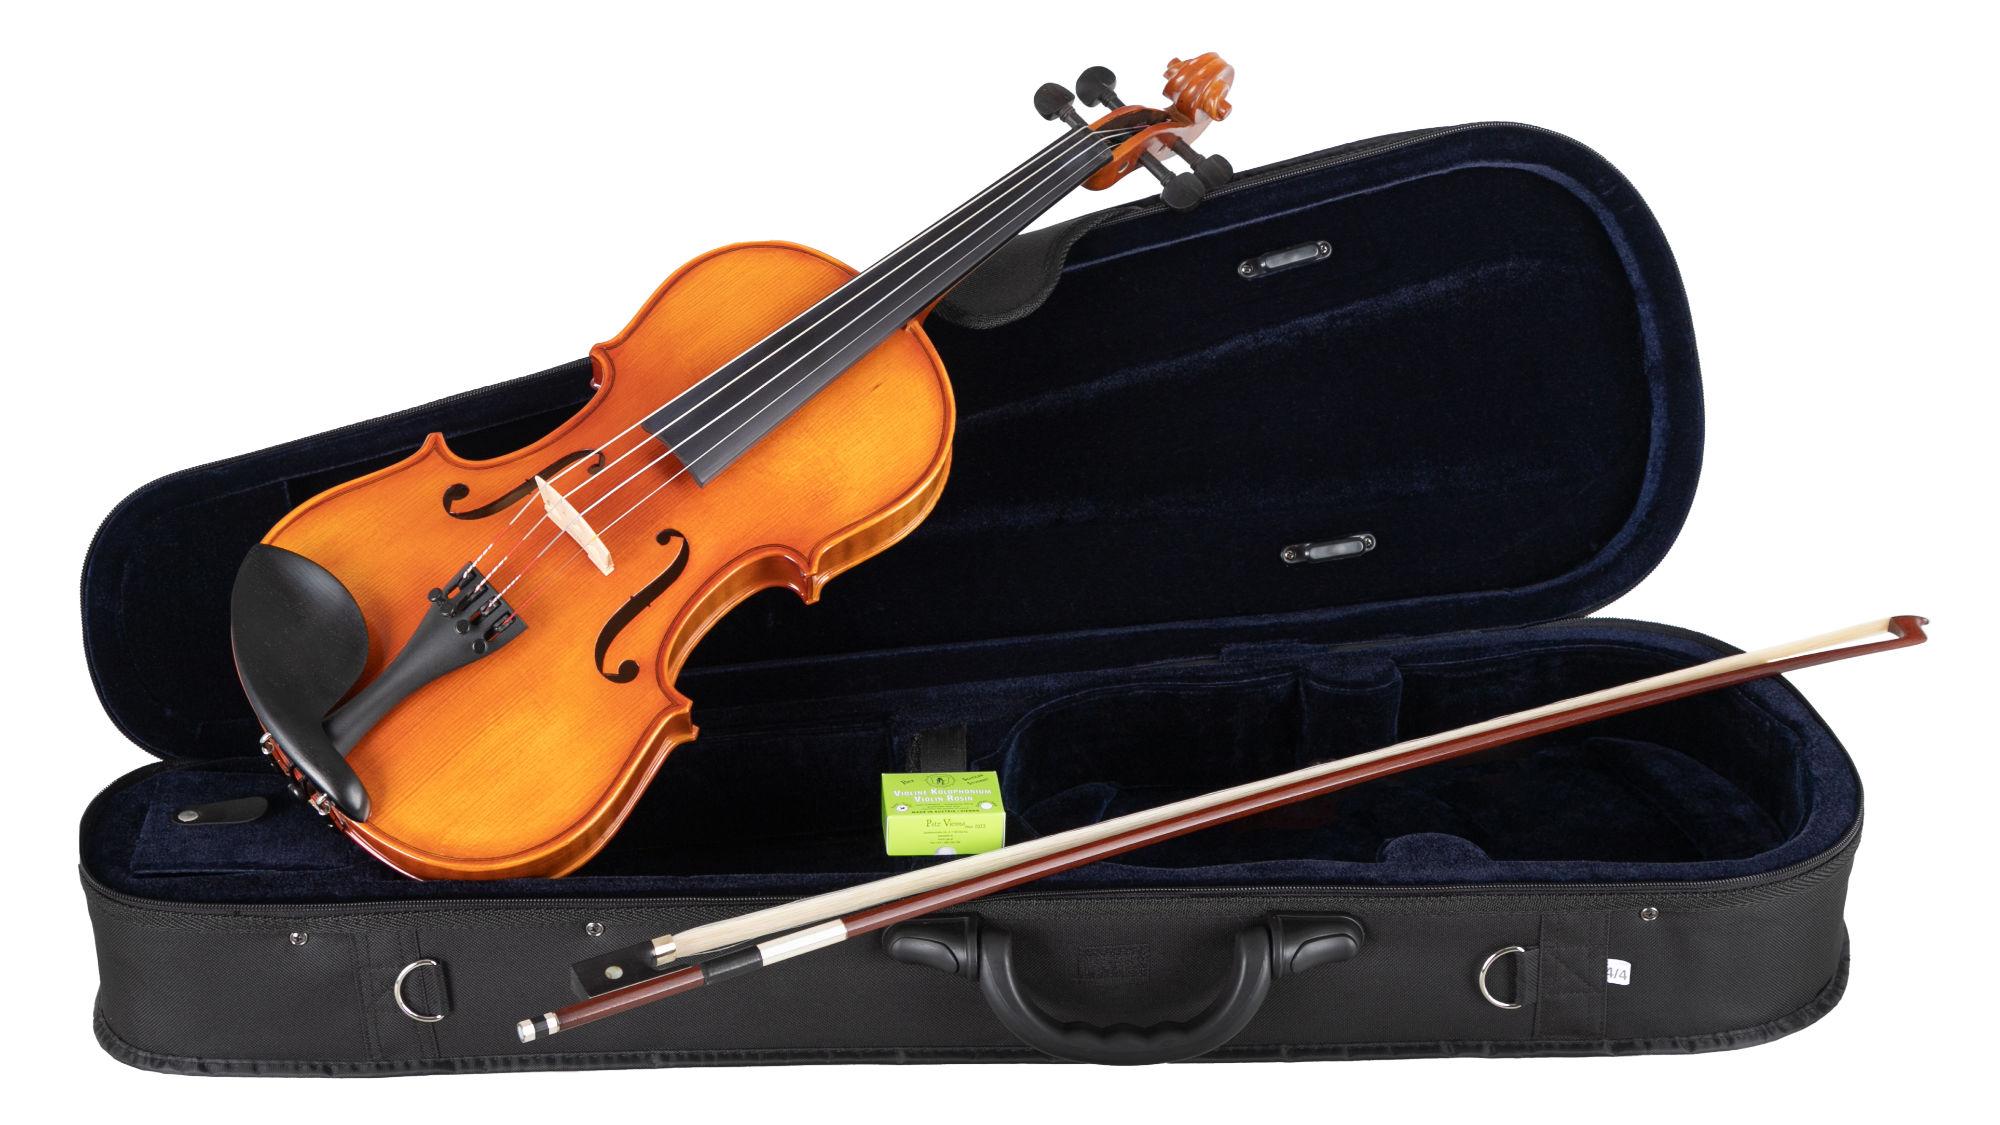 Violinen - Petz YB45VNV Violinset 4|4 spielfertig - Onlineshop Musikhaus Kirstein